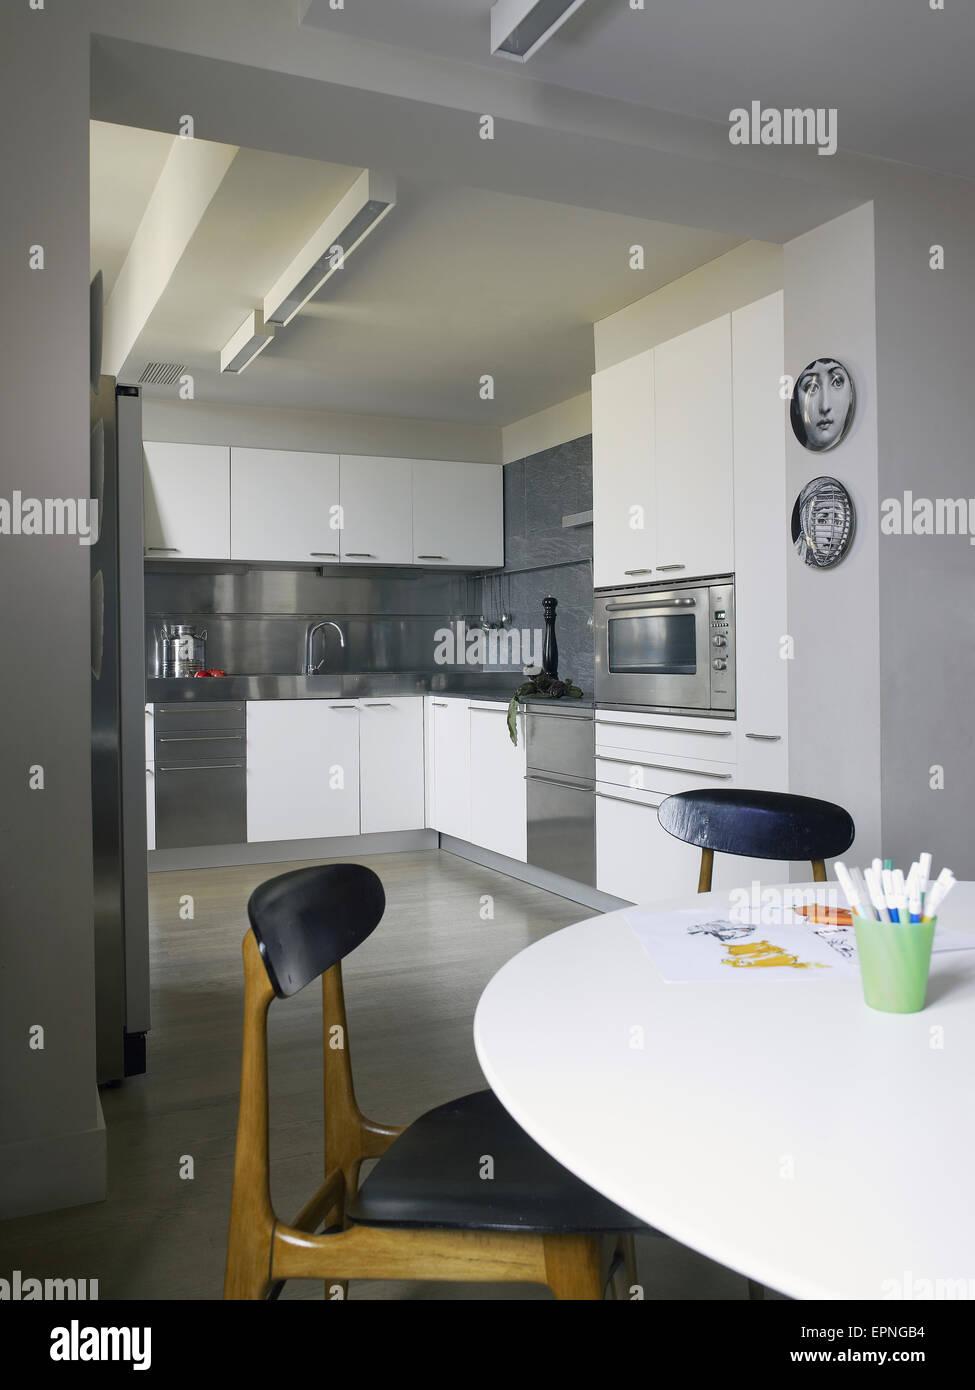 Interior Da Cozinha Moderna Com Uma Mesa E Cadeiras Em Frente Duas